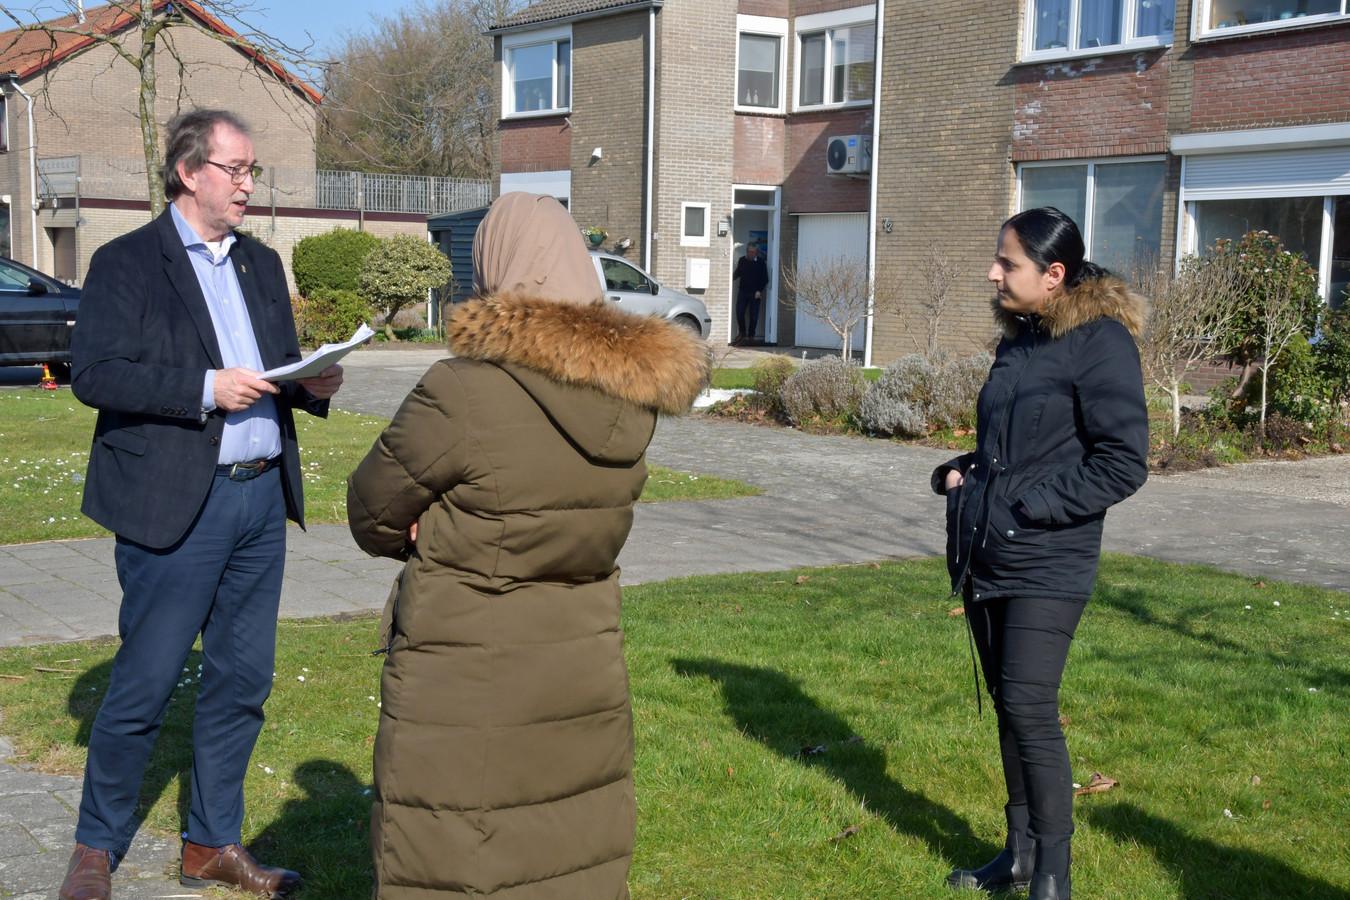 Burgemeester Jan Lonink ontvangt in Sas van Gent de handtekeningen die zijn opgehaald door Güven Ucar (zwarte jas). Buurtbewoners willen dat de vijver gedempt wordt om nieuwe ongelukken te voorkomen. Aanleiding is de verdrinking van een 6-jarig jongetje.